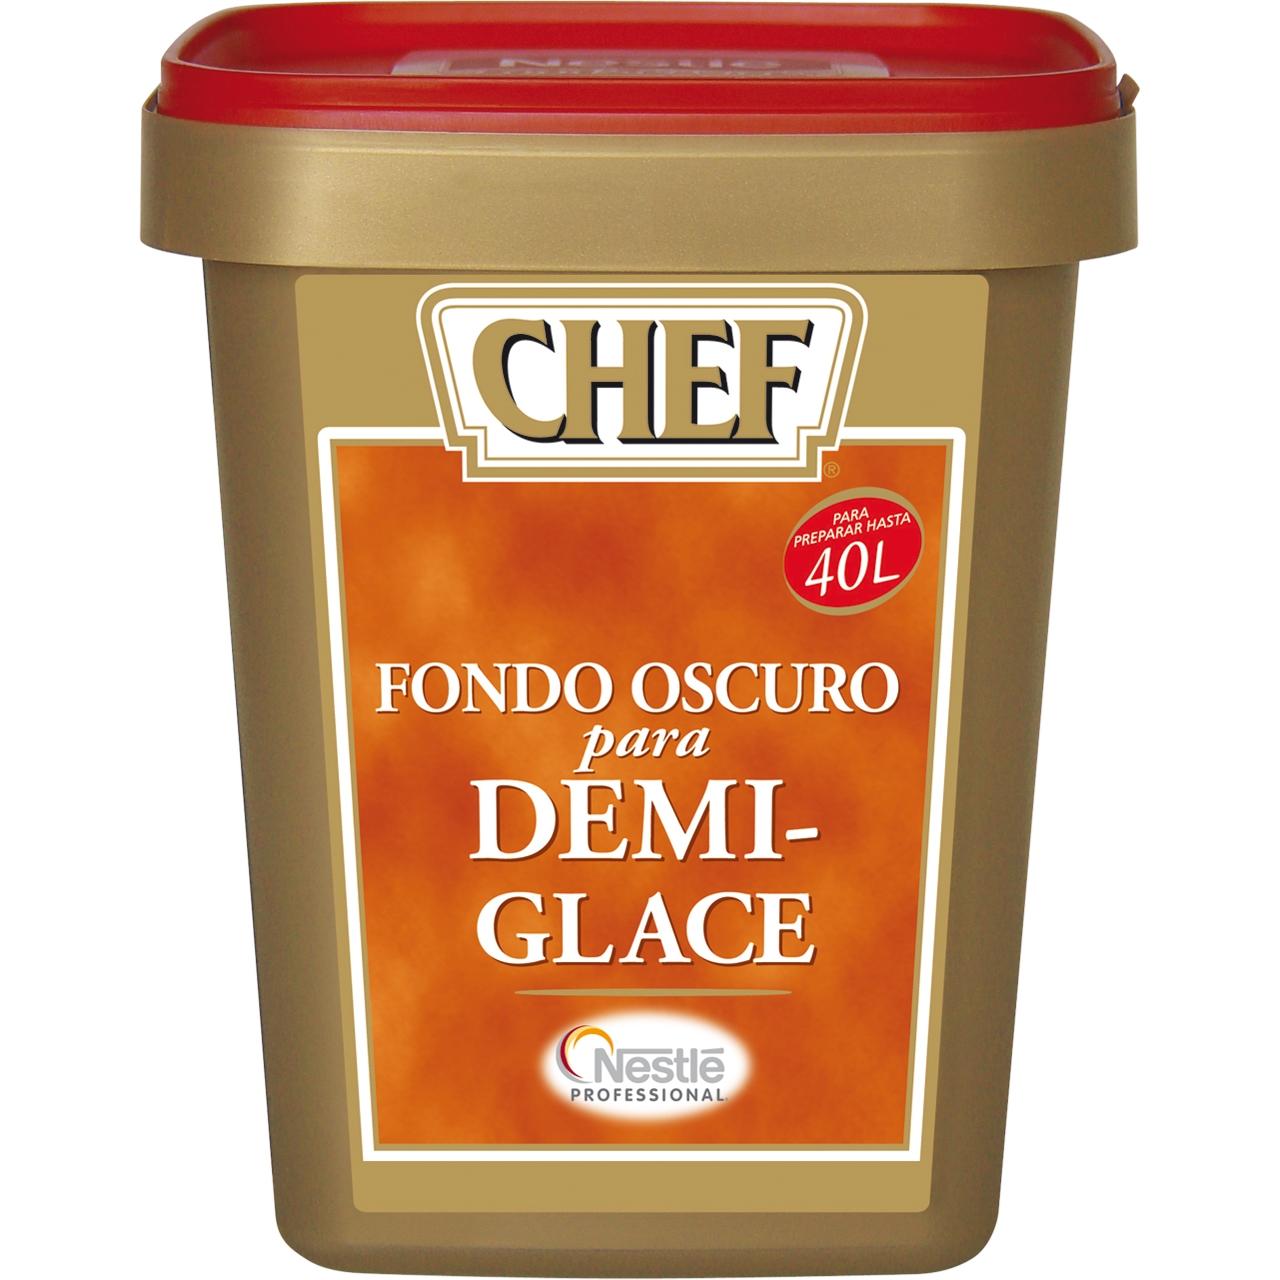 Fondo en polvo demi glace 1,2kg. Nestlé